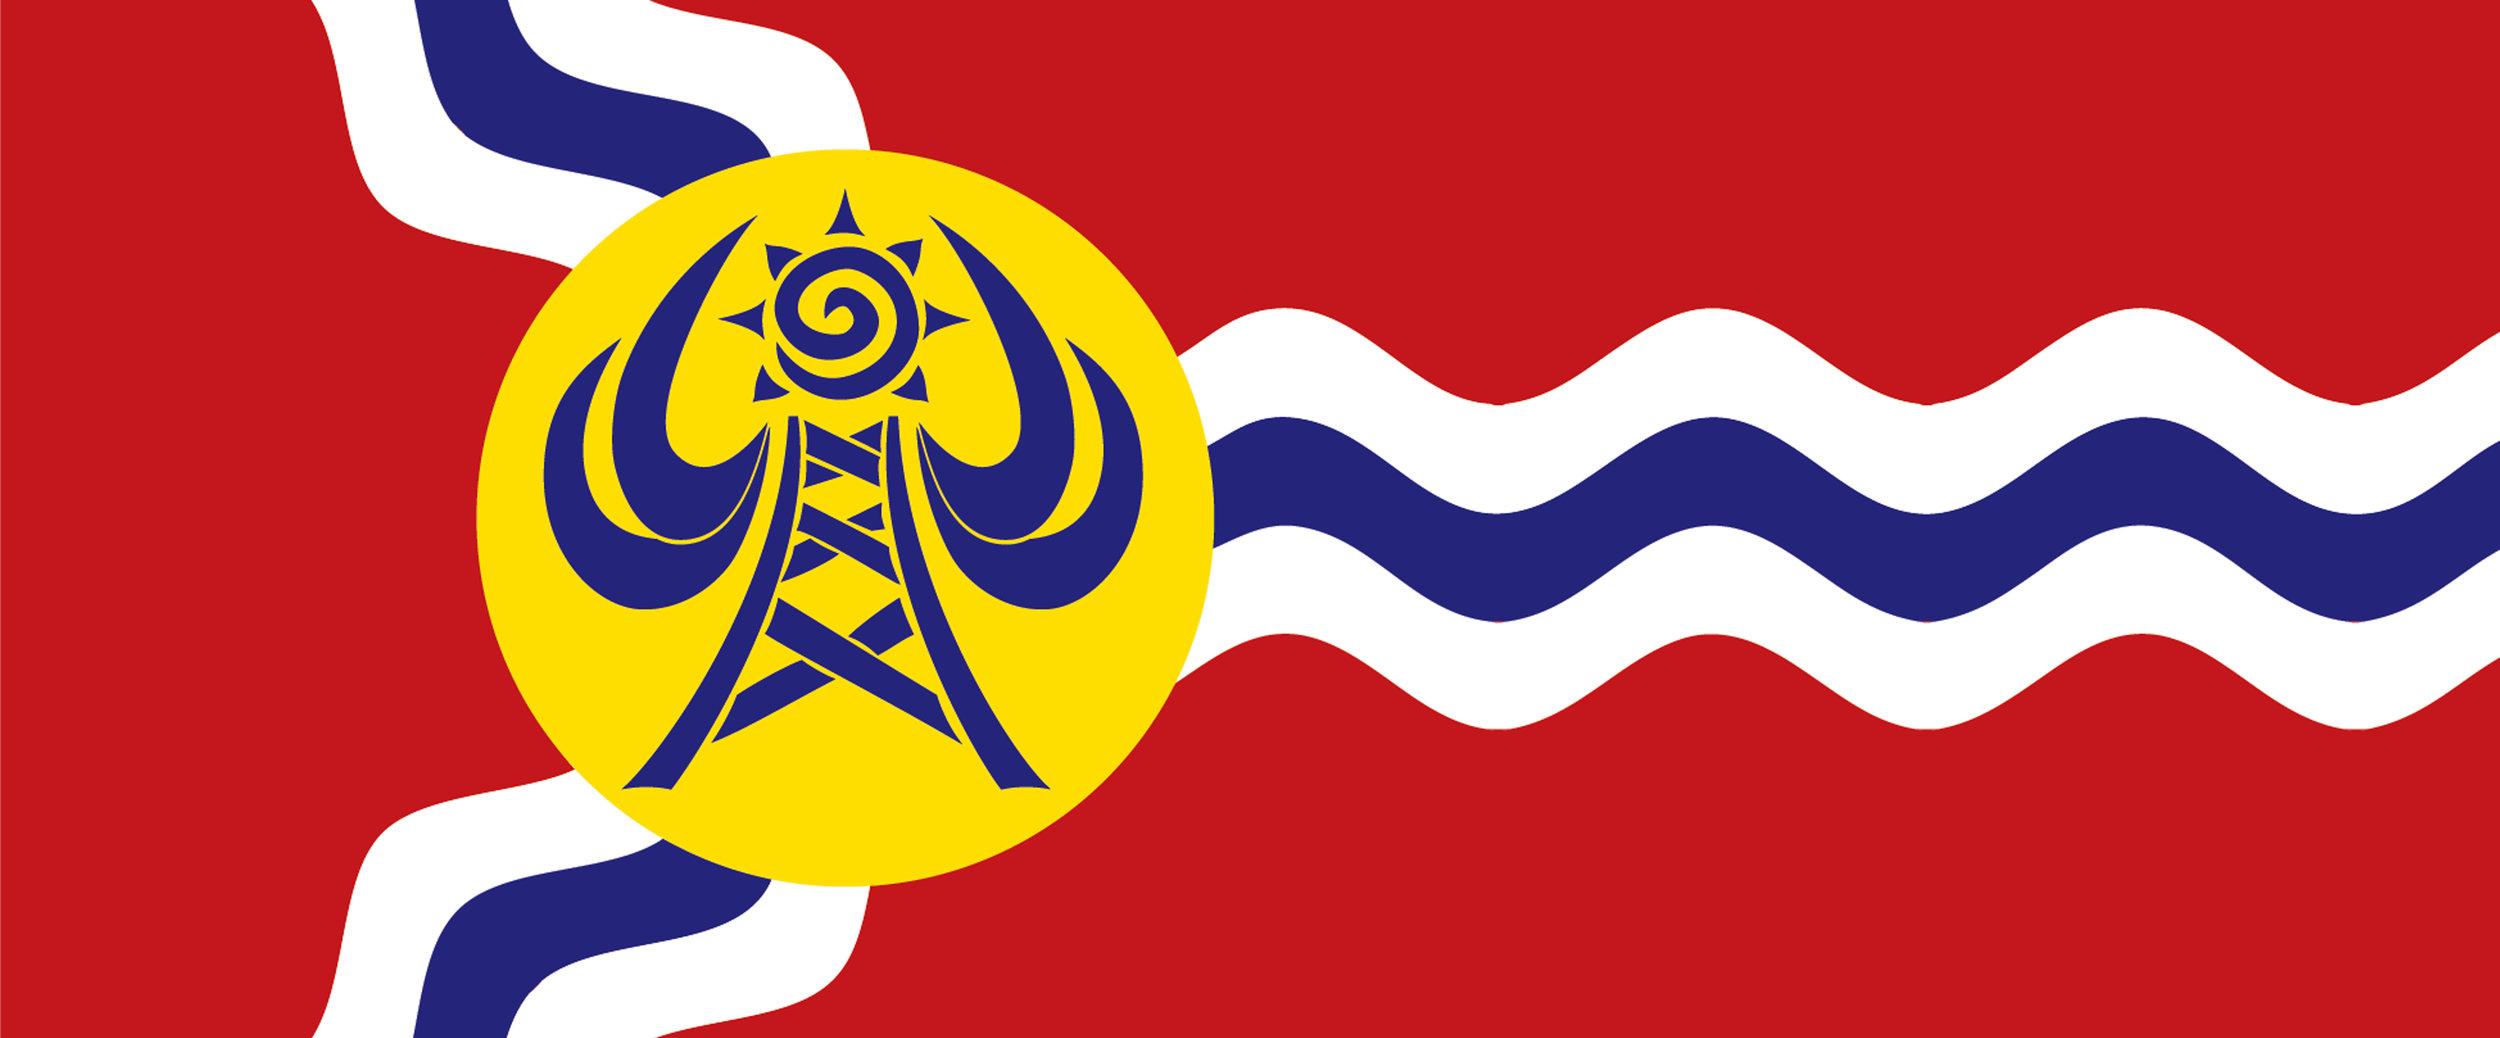 Articafestflag.jpg